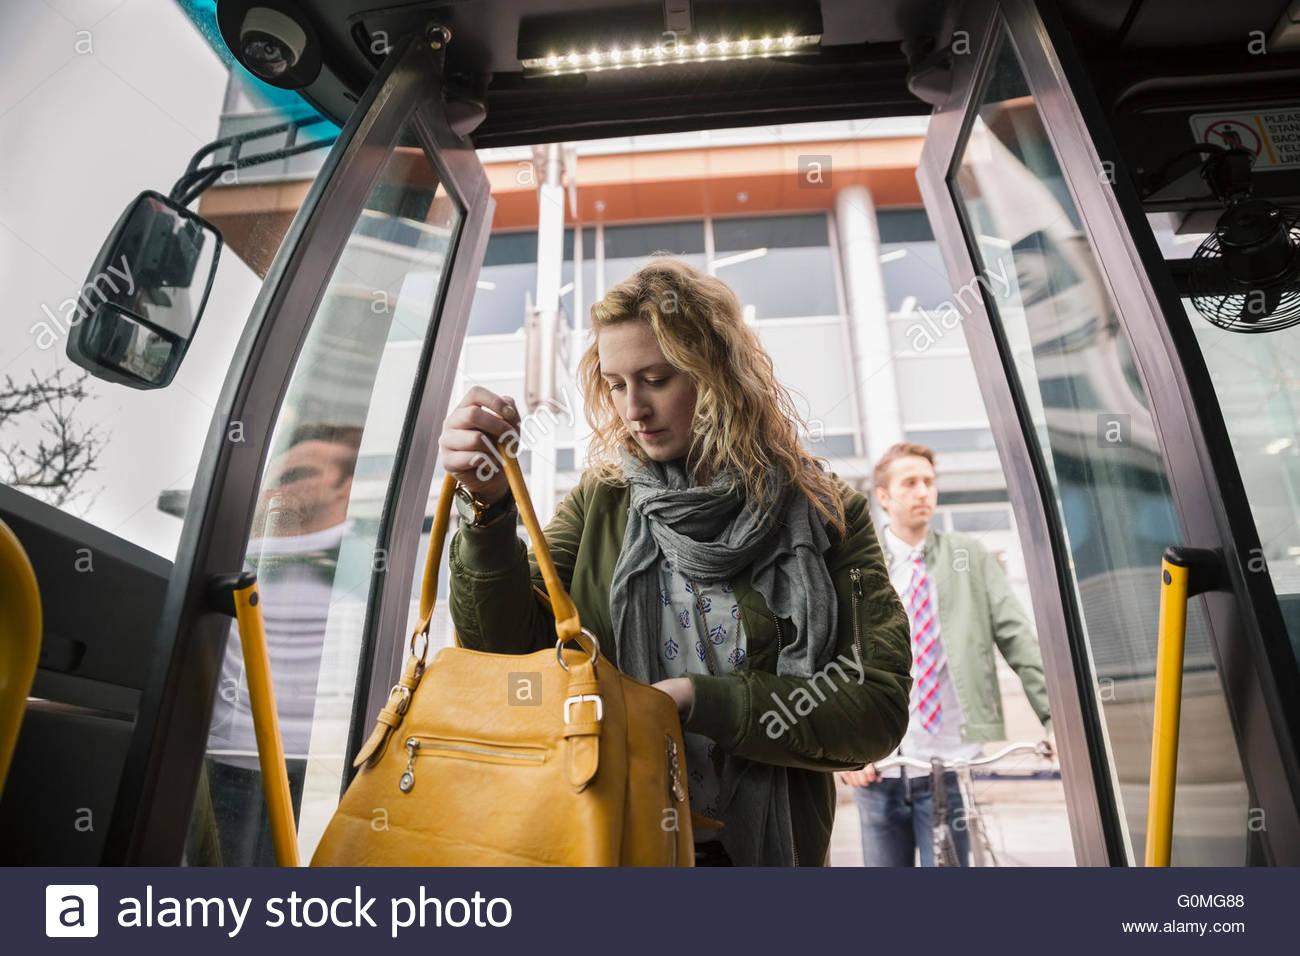 Frau auf der Suche in Handtasche im Bus Tür Stockbild